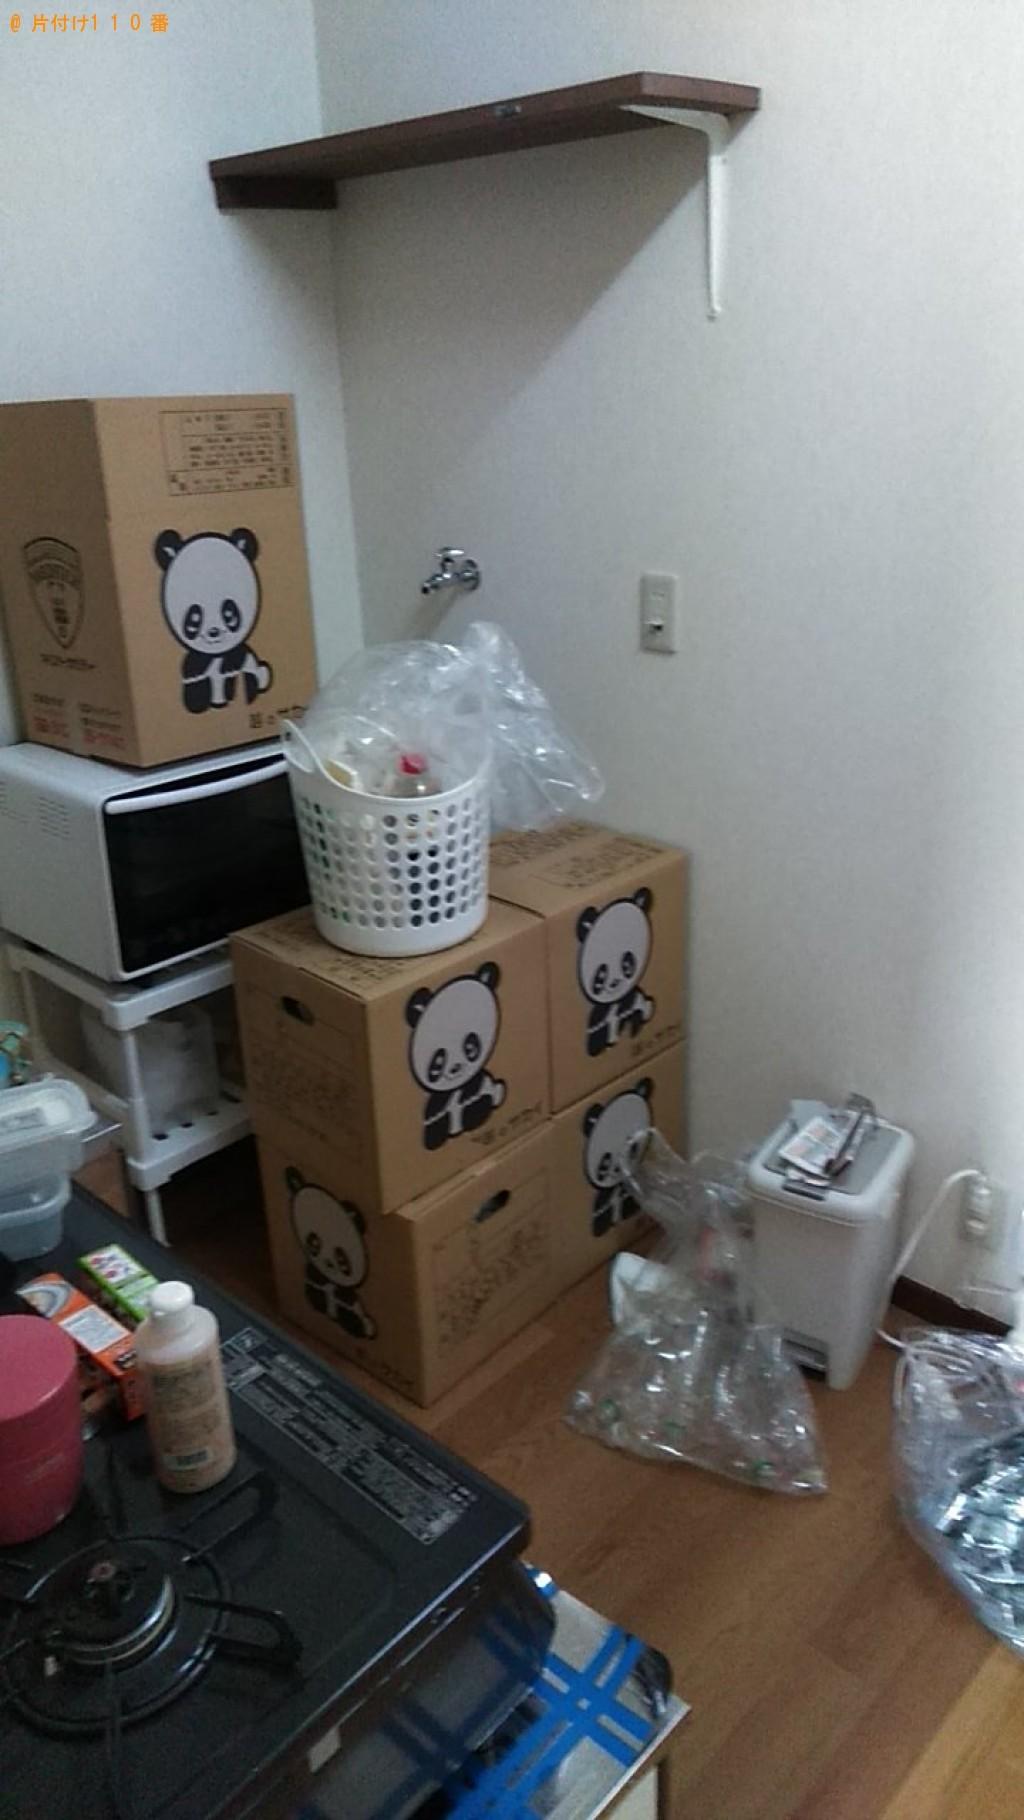 【西予市宇和町】冷蔵庫、洗濯機、ローテ―ブル等の回収・処分ご依頼